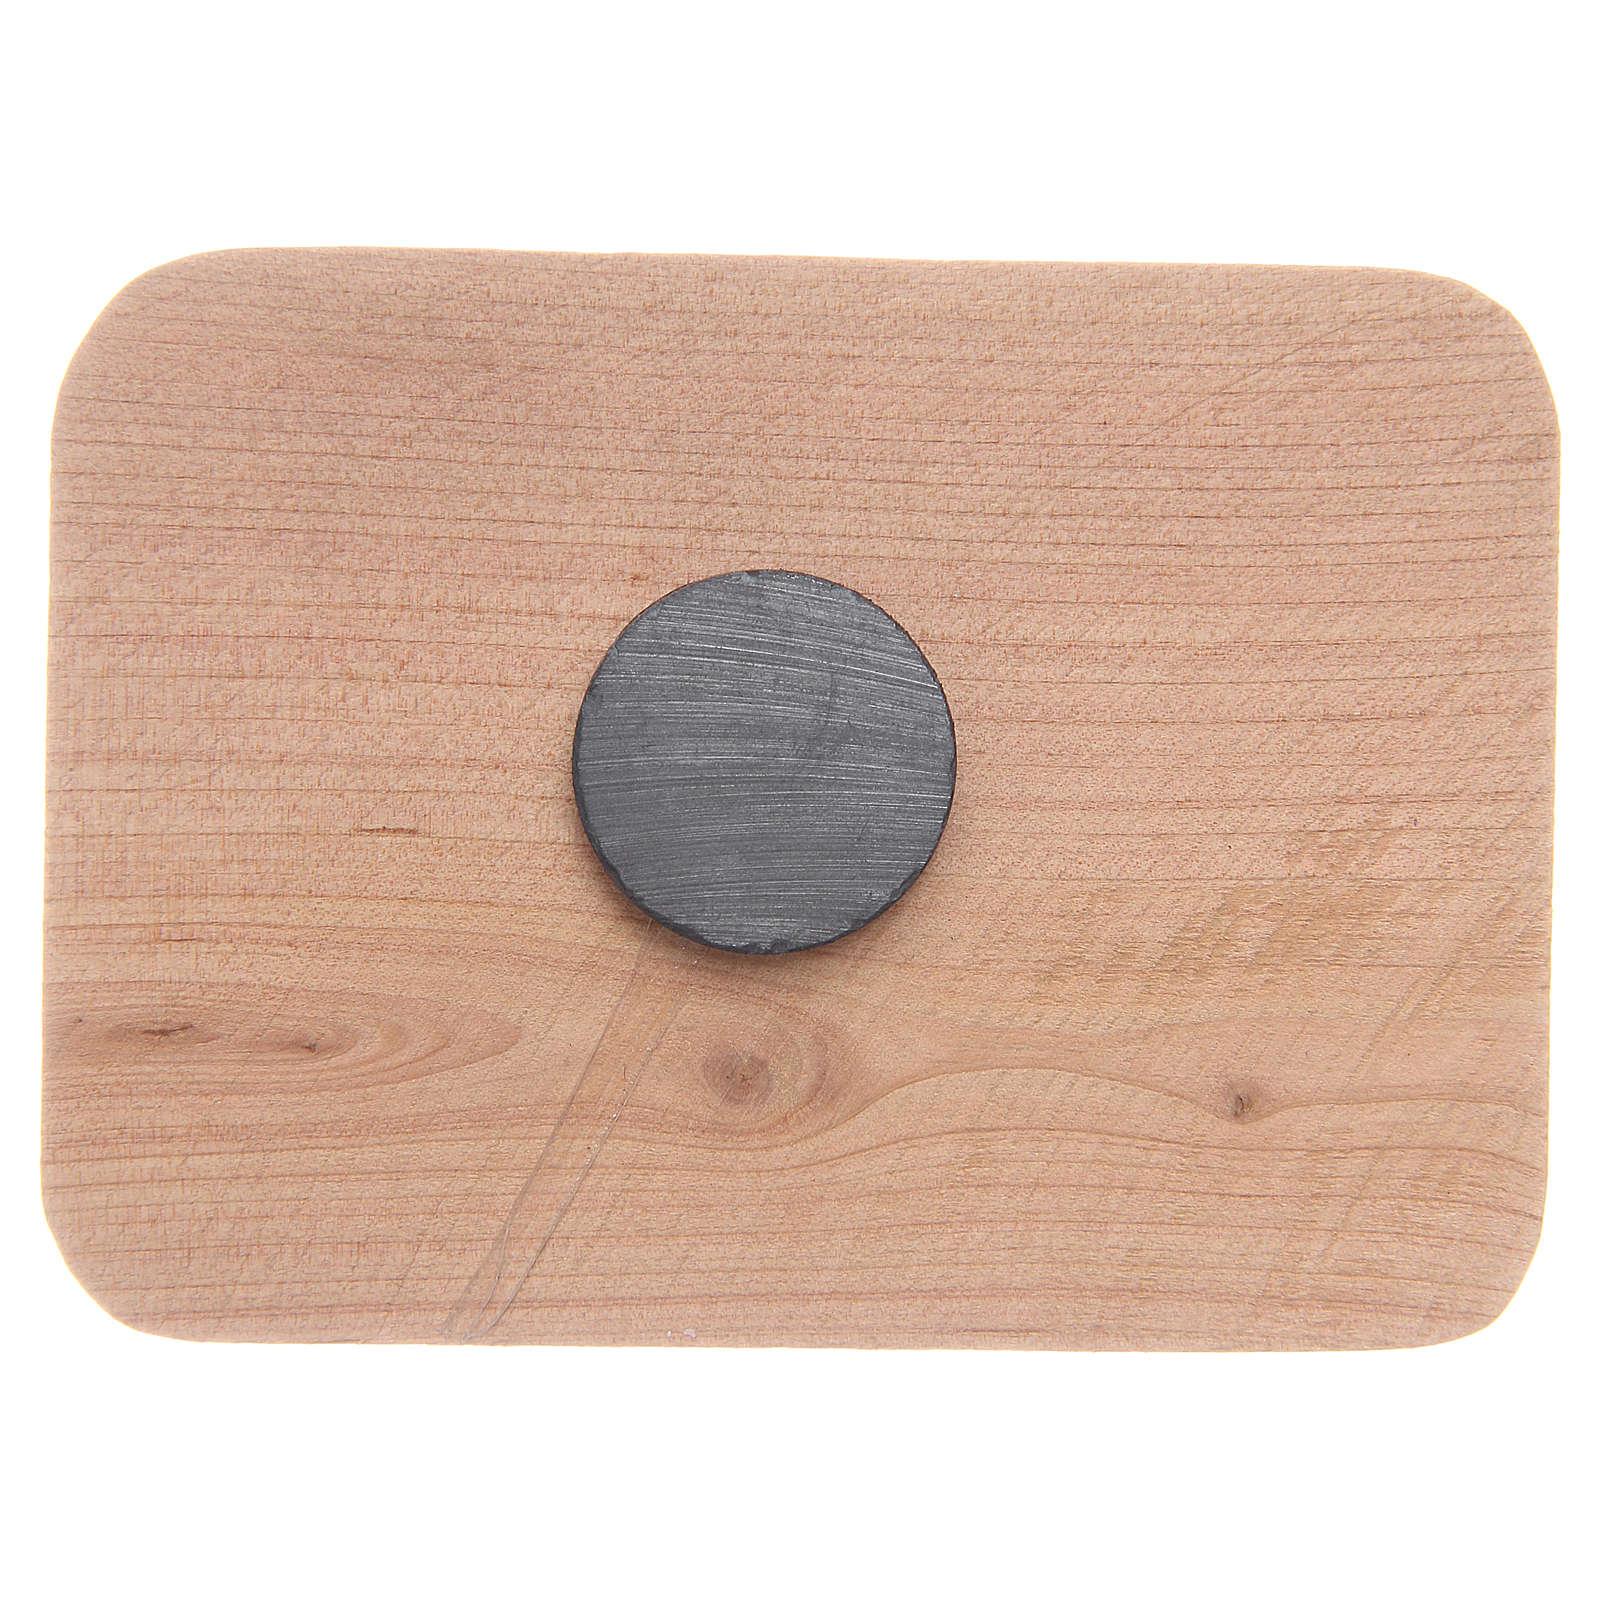 Calamita in legno ulivo Medjugorje 8x5,5 cm 4